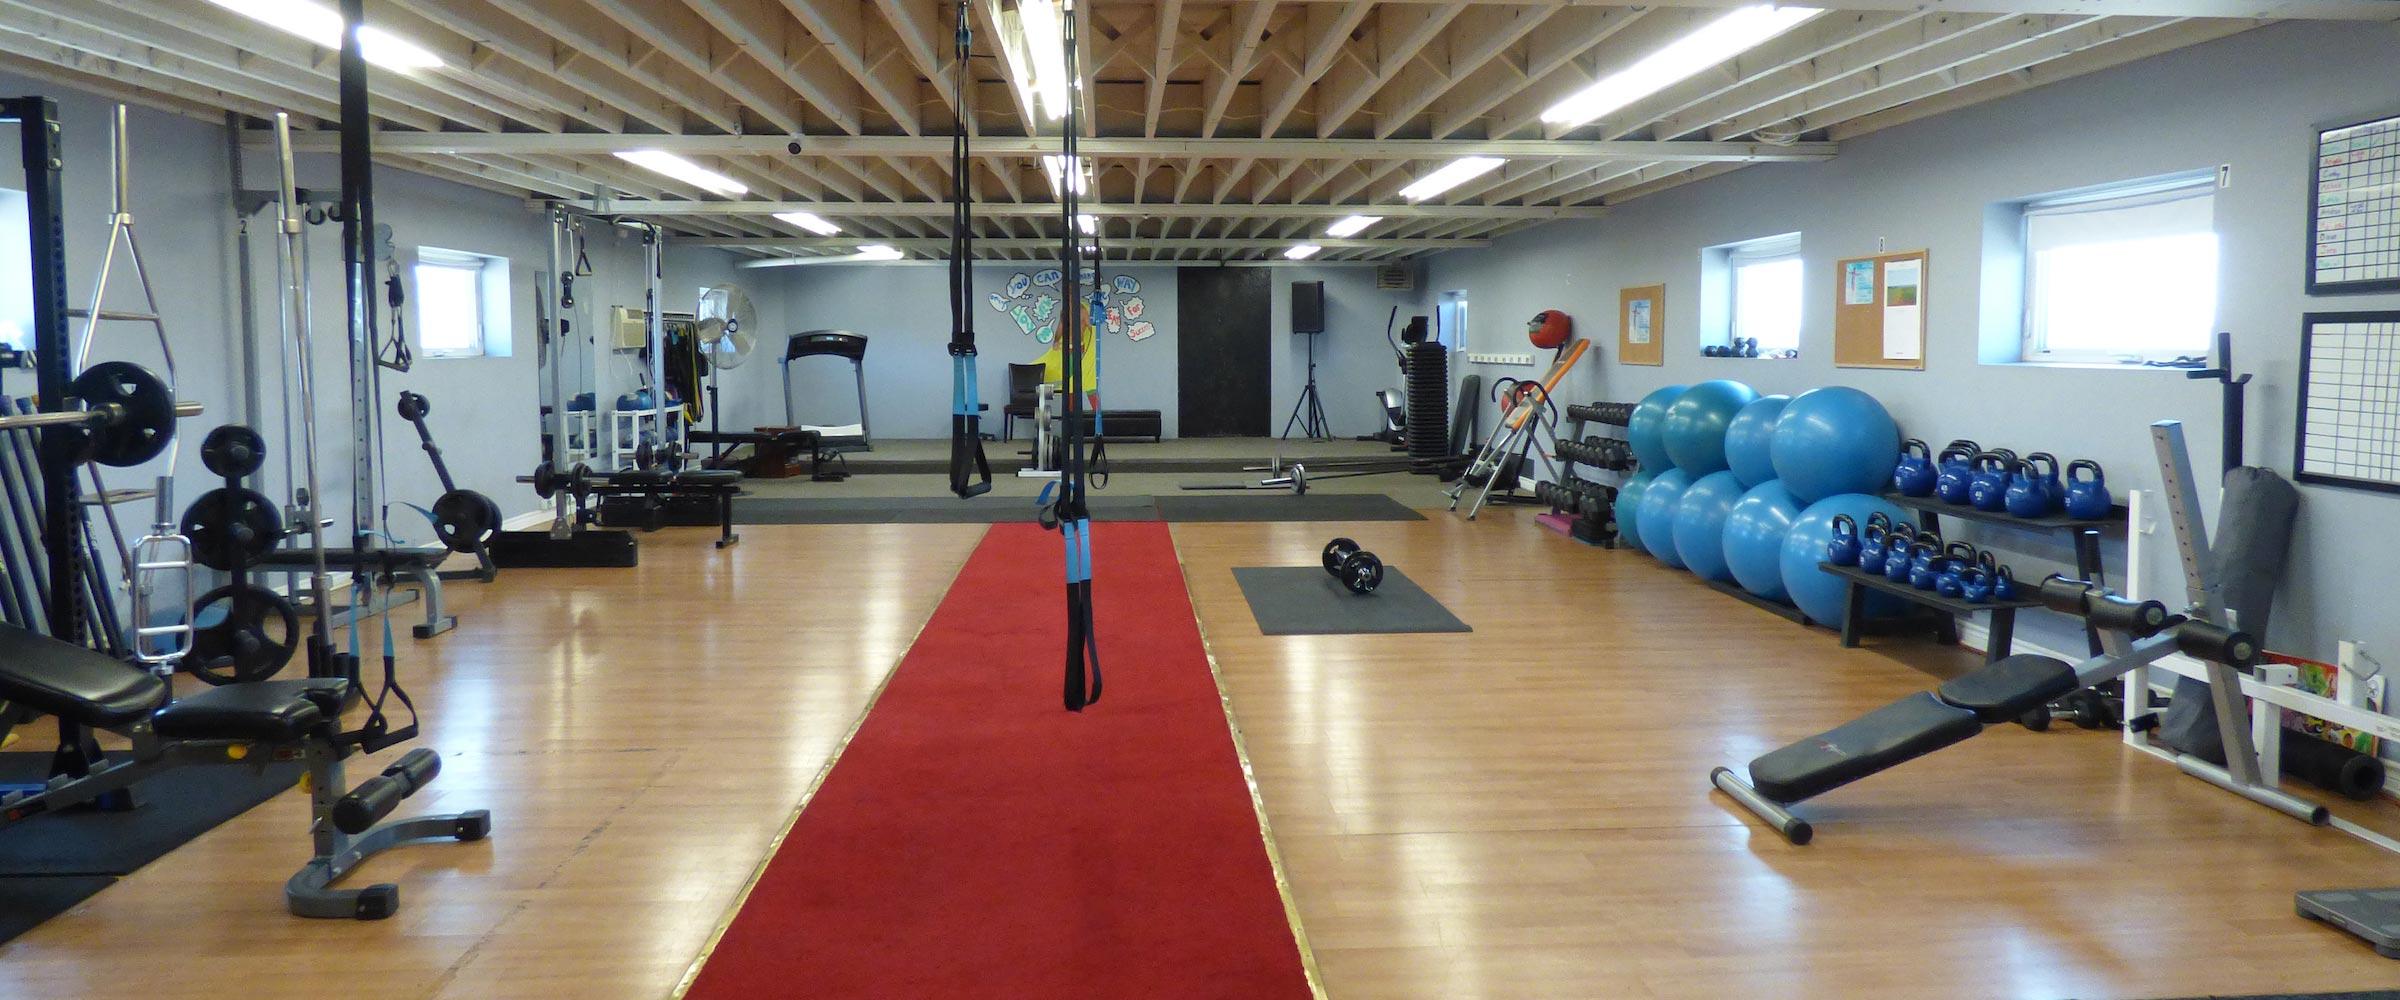 Elite Training Facility Image